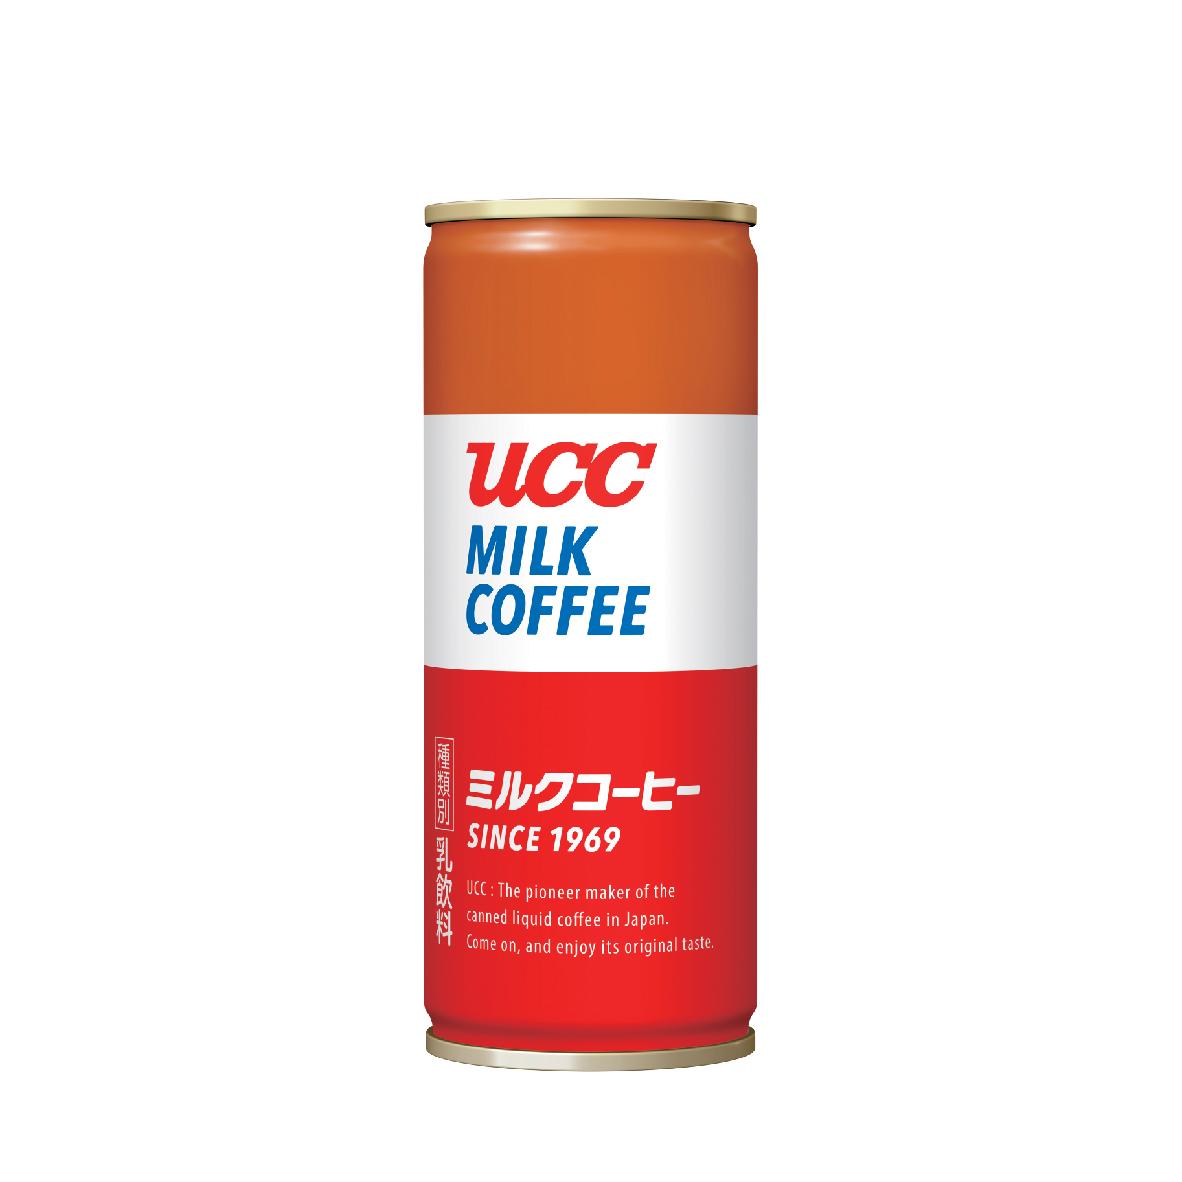 悠诗诗原味咖啡乳饮料